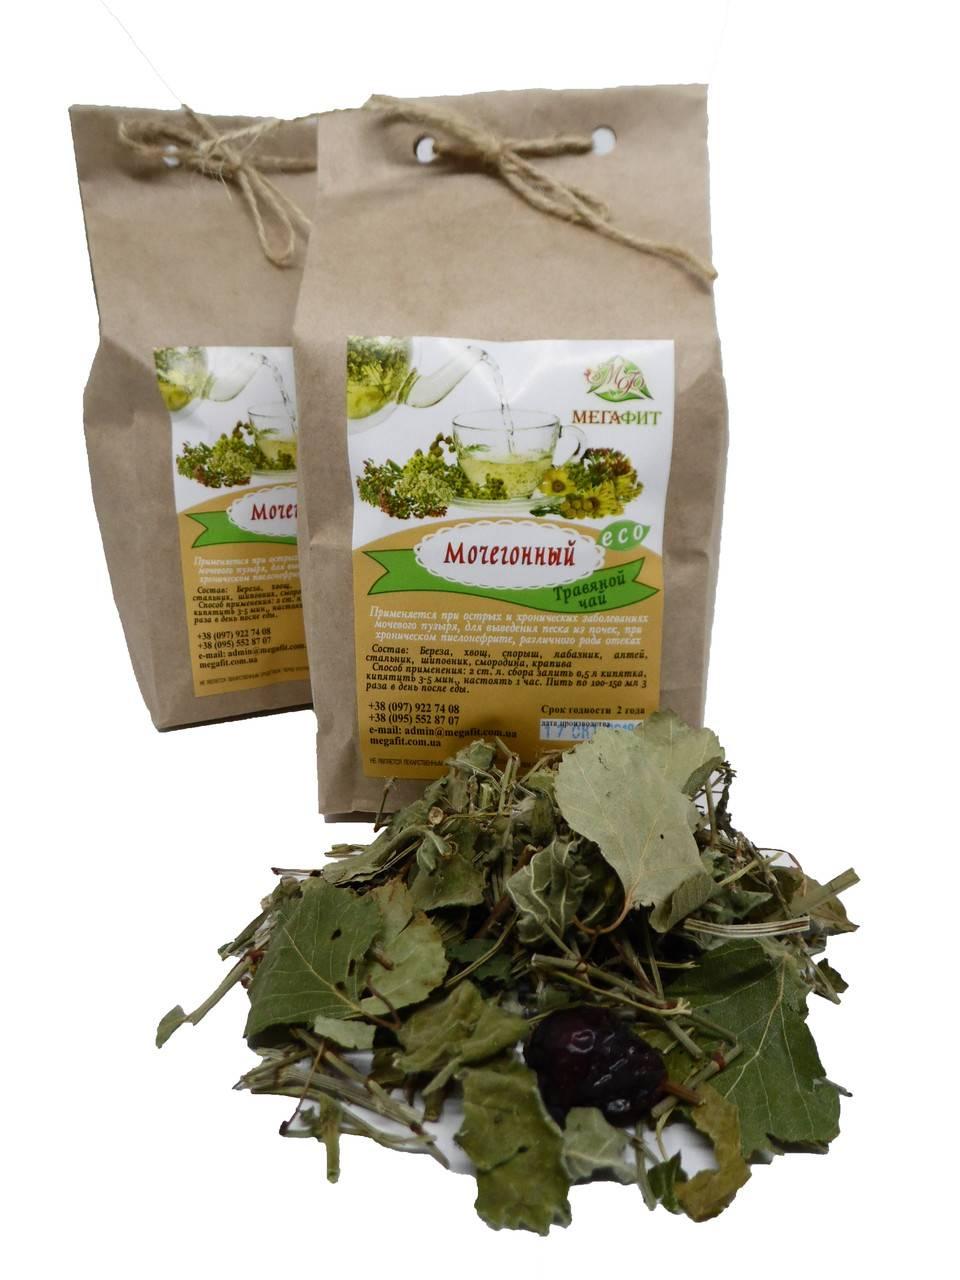 Чай зеленый - мочегонный или нет